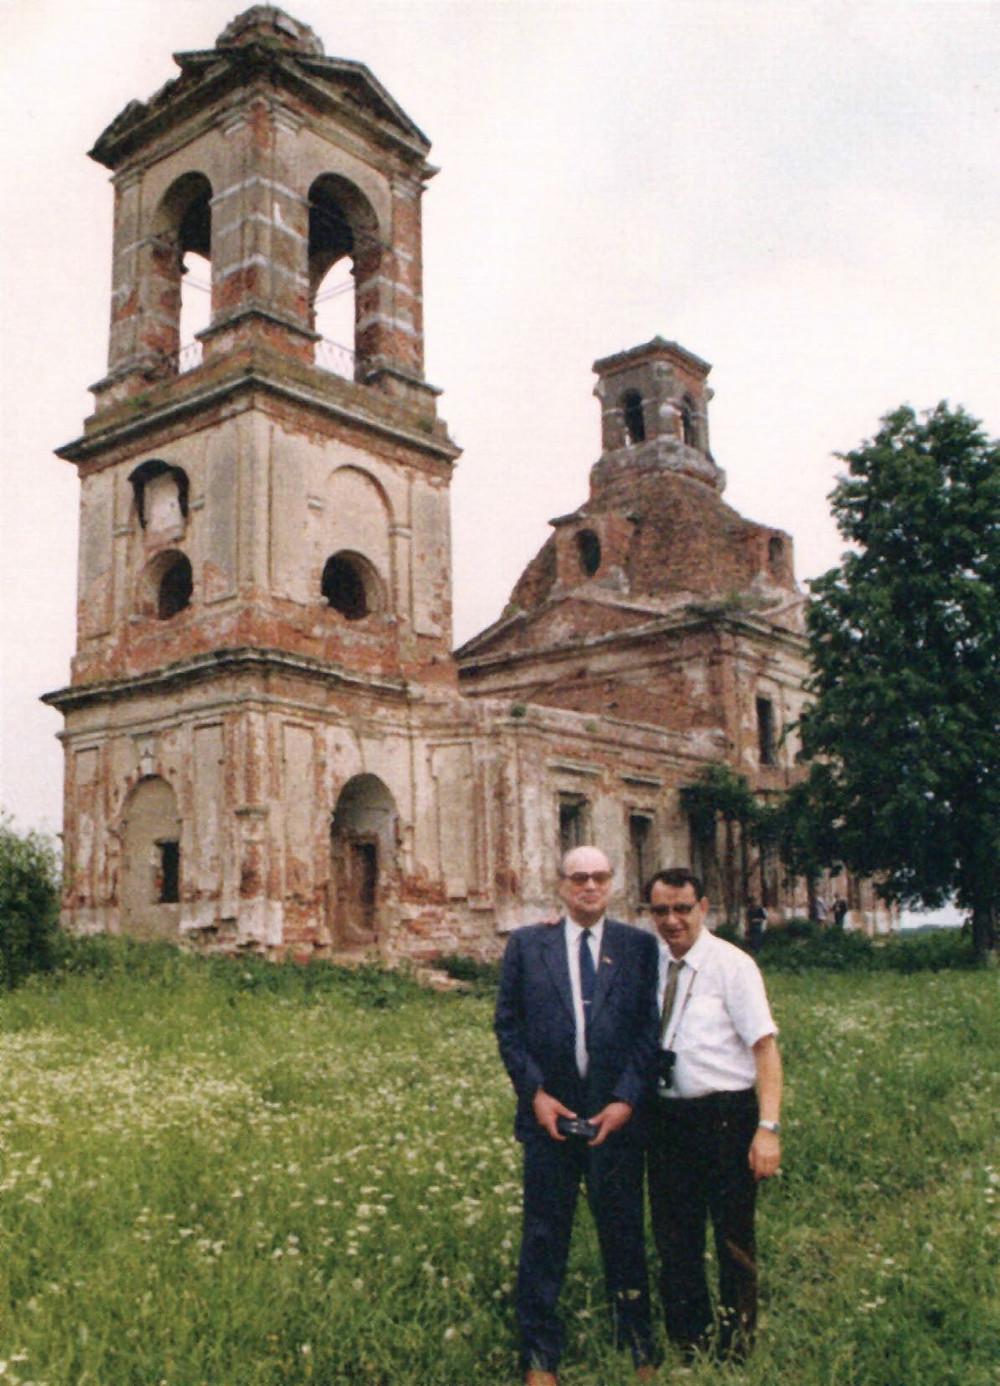 Летохов вместе с Басовым около еще не восстановленного храма в Пучково